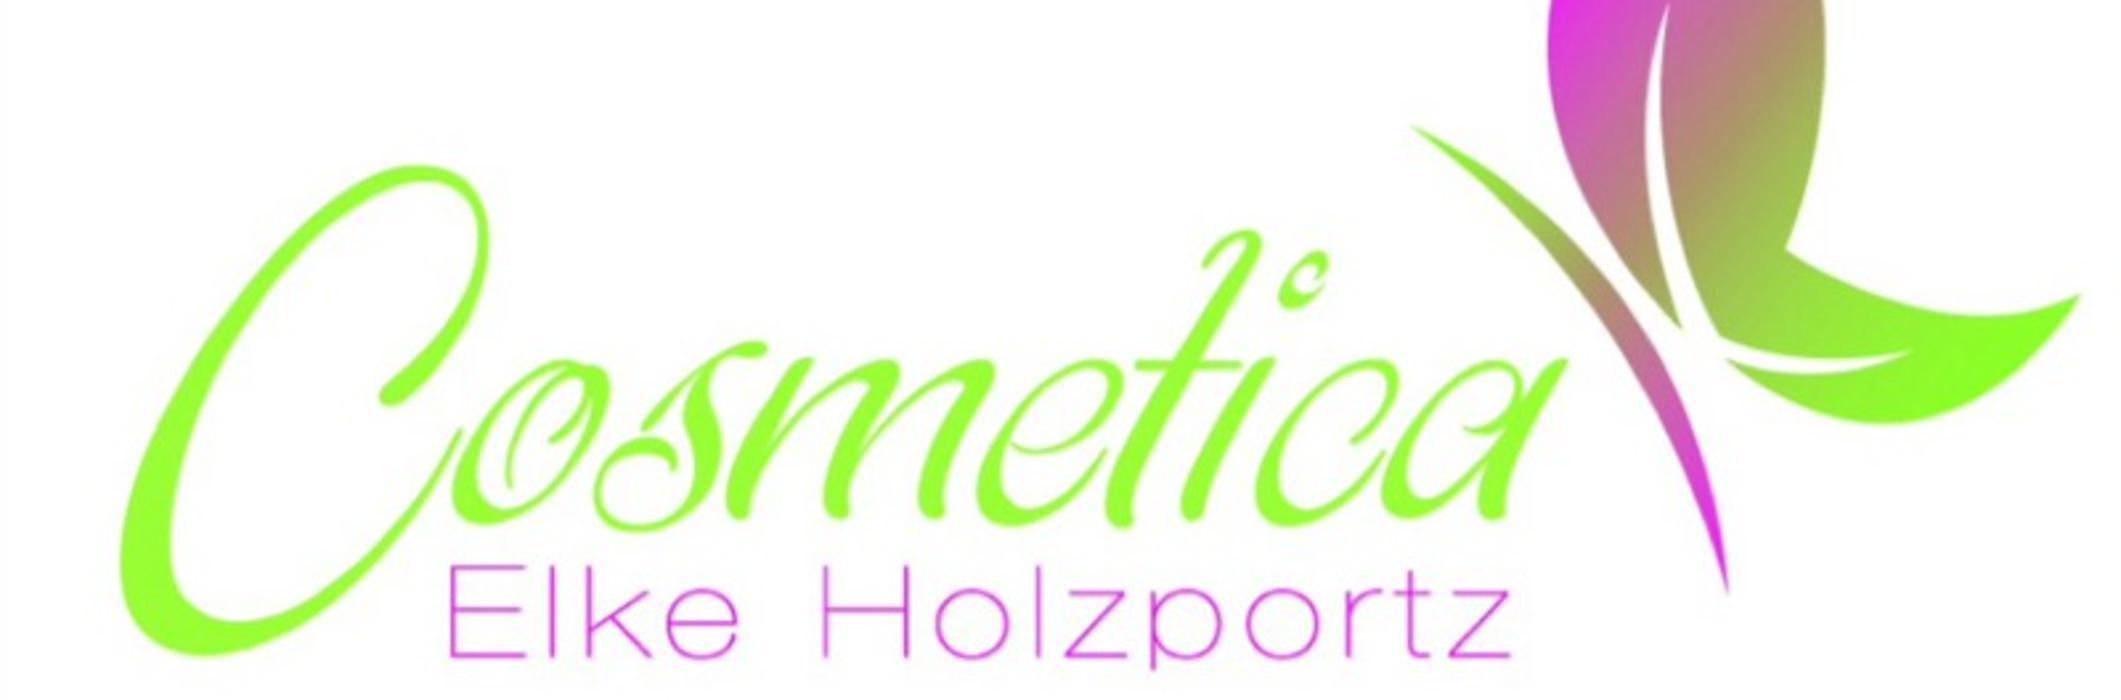 Bild zu Cosmetica in Zülpich